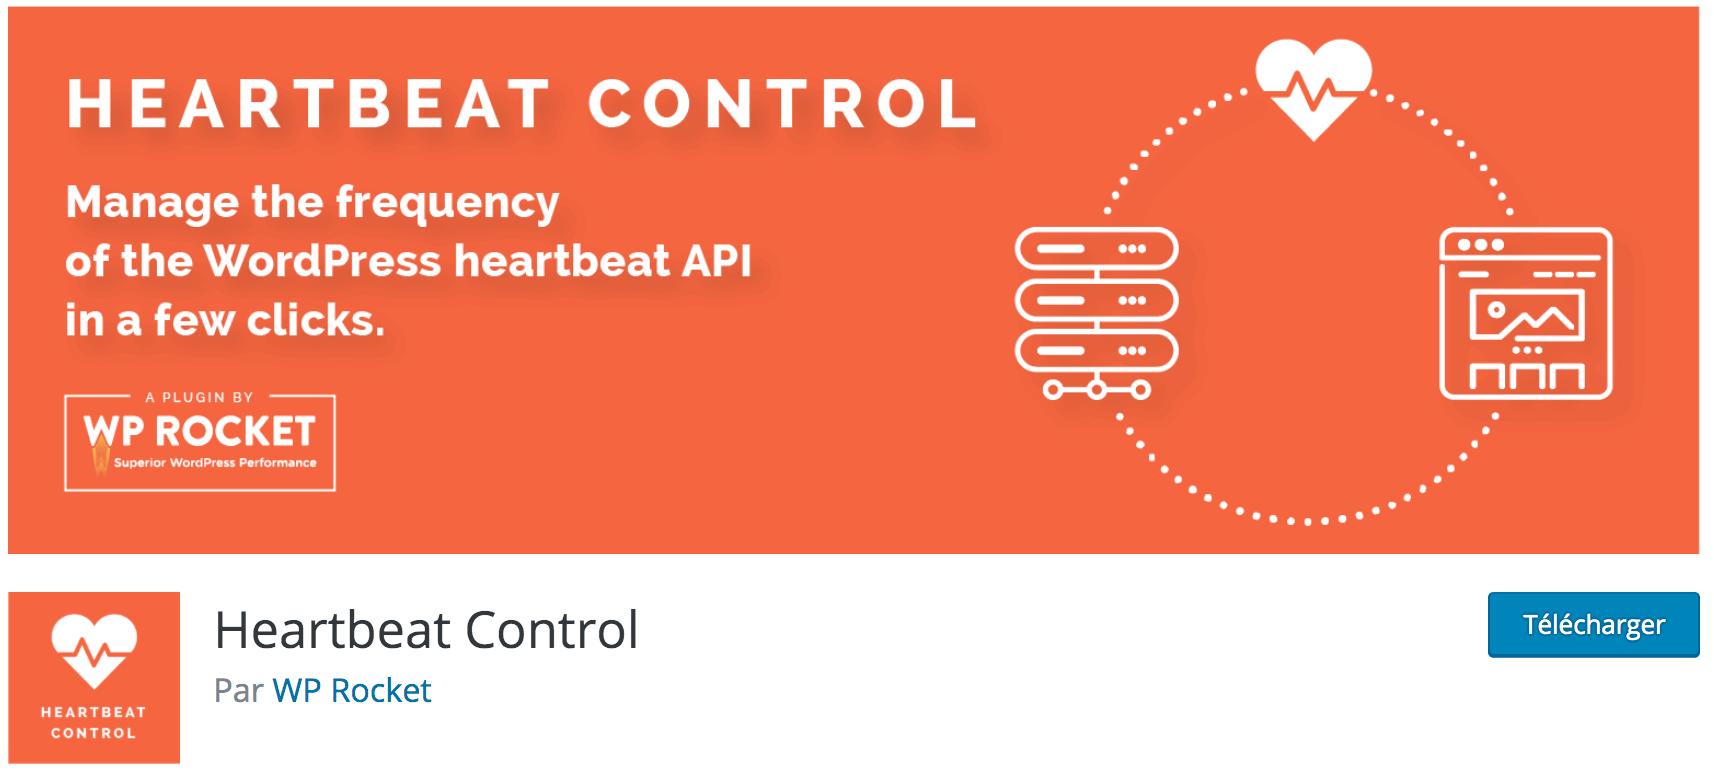 Notre avis sur Heartbeat Control meilleur plugin WP gratuit pour diminuer la fréquence du heartbeat de WordPress